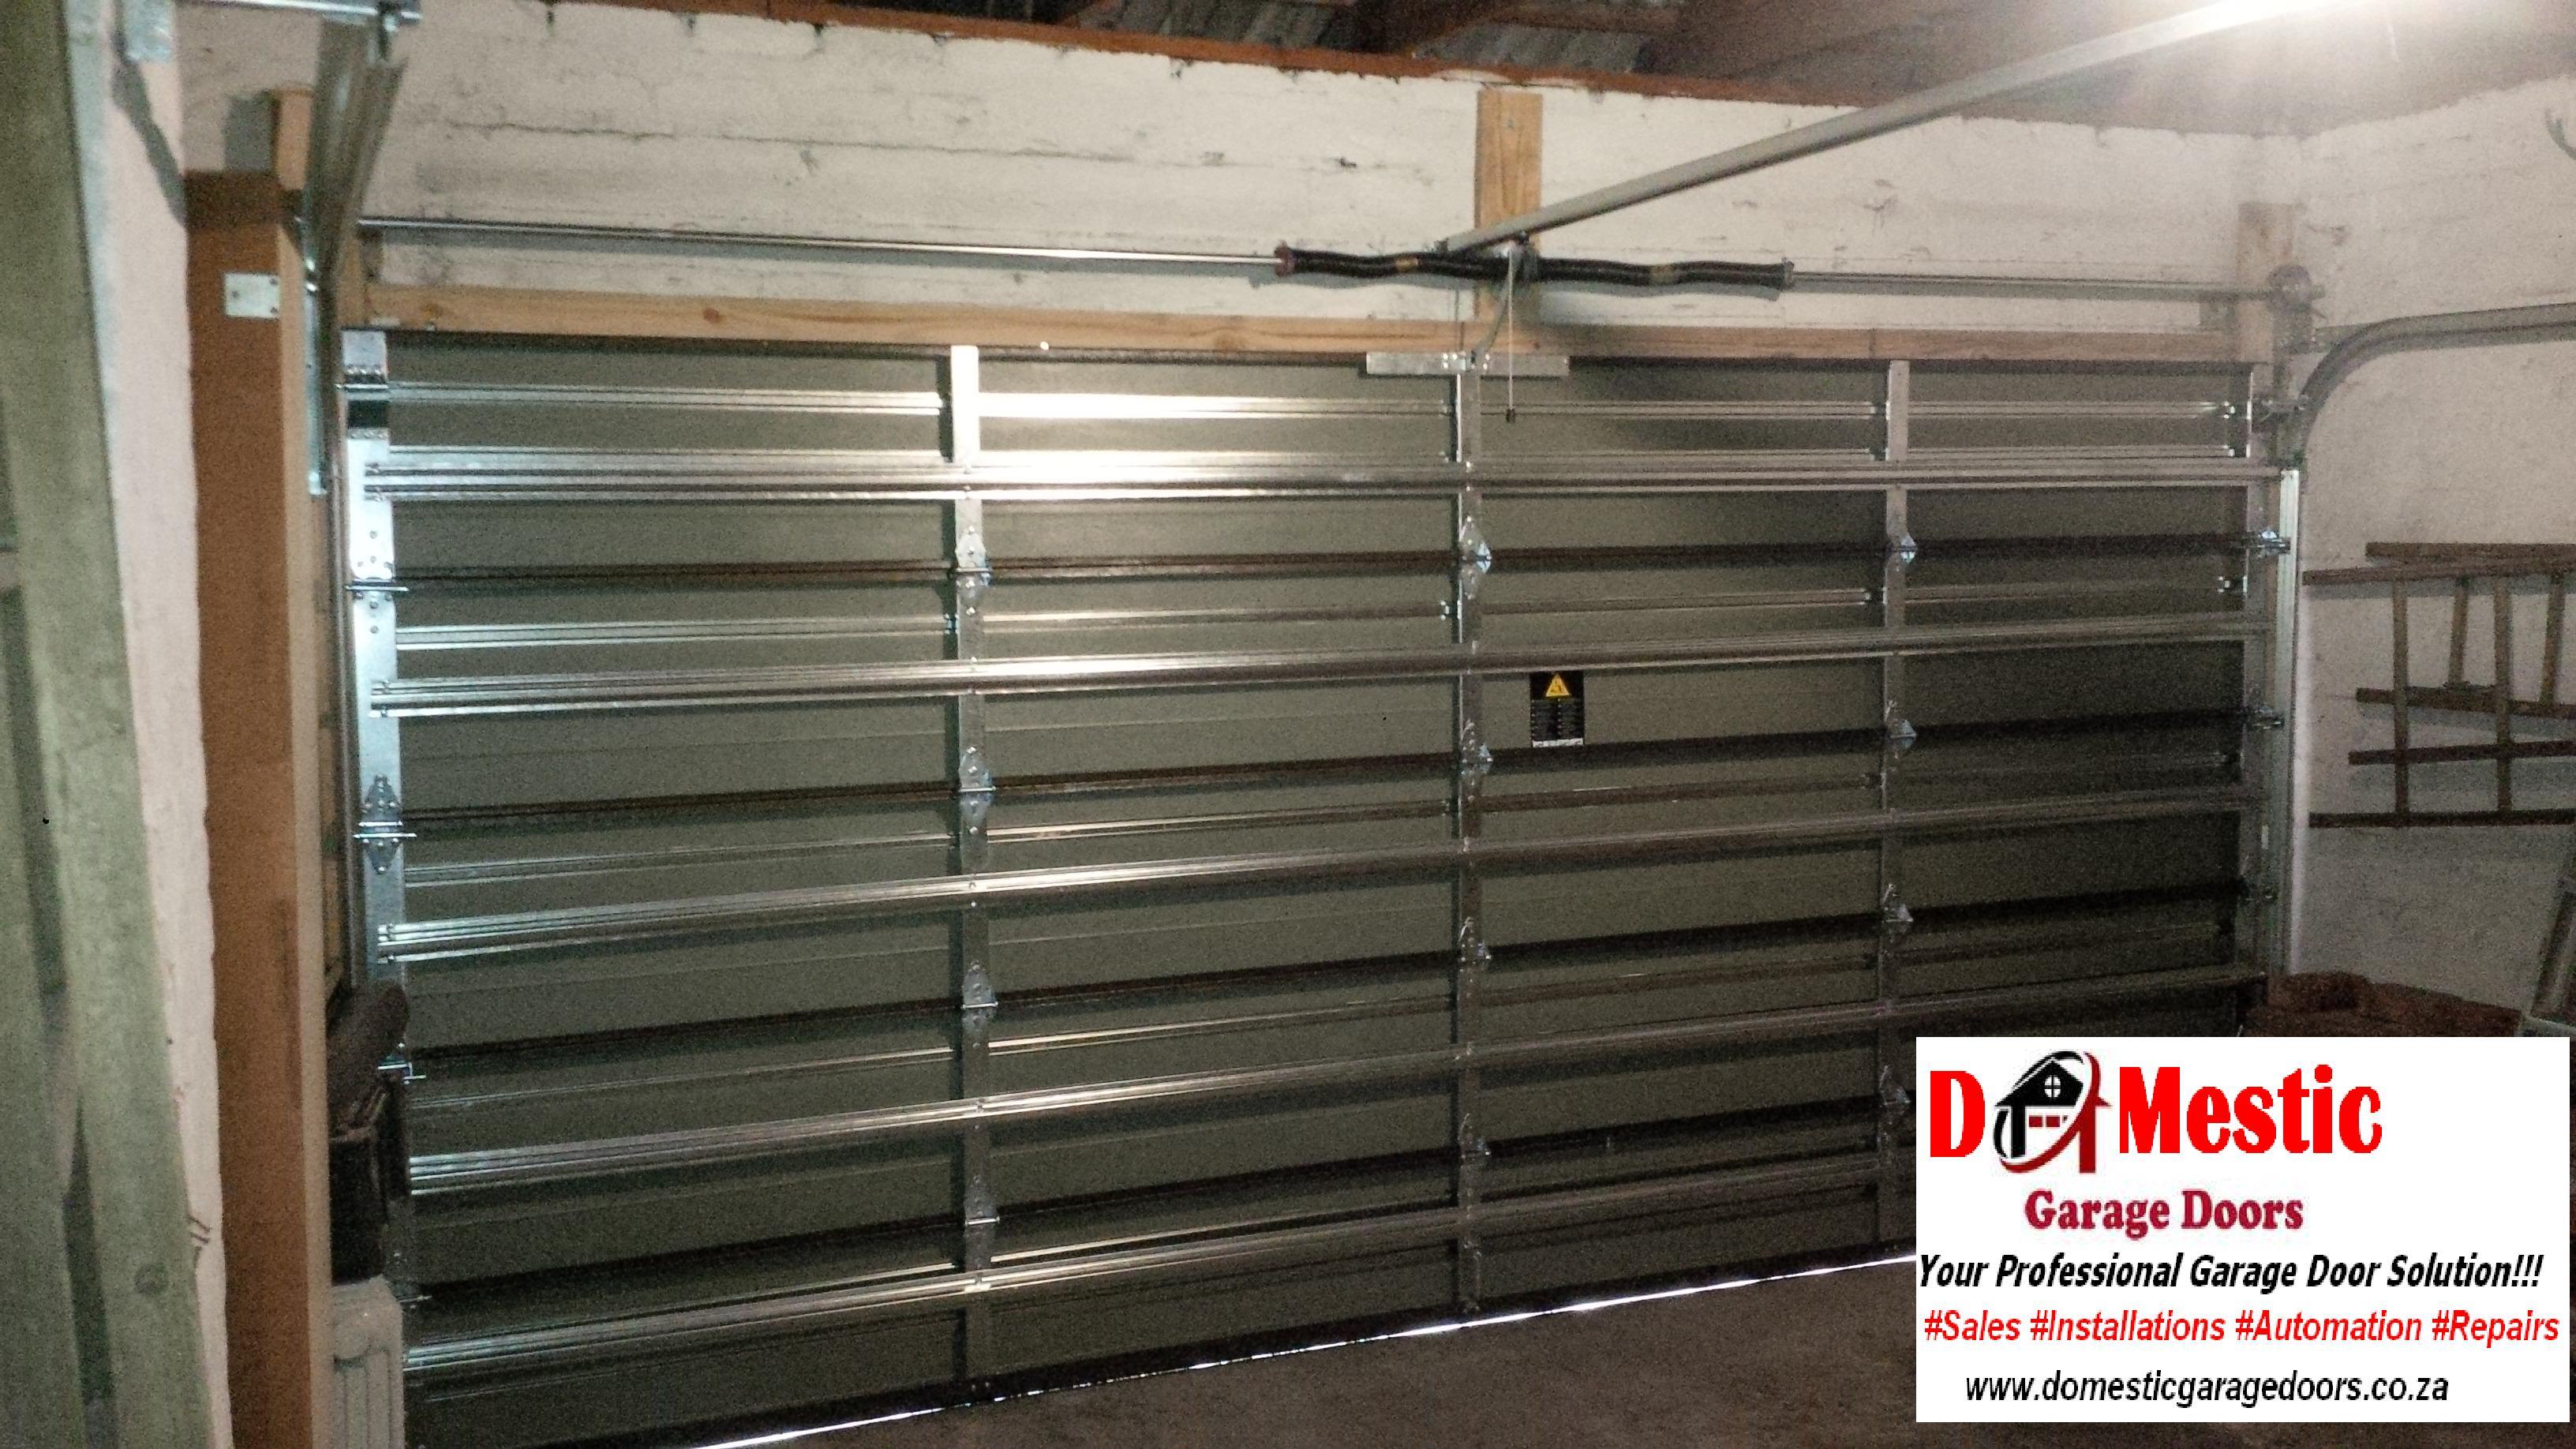 Domestic Garage Doors Services And Installations Garage Doors Home